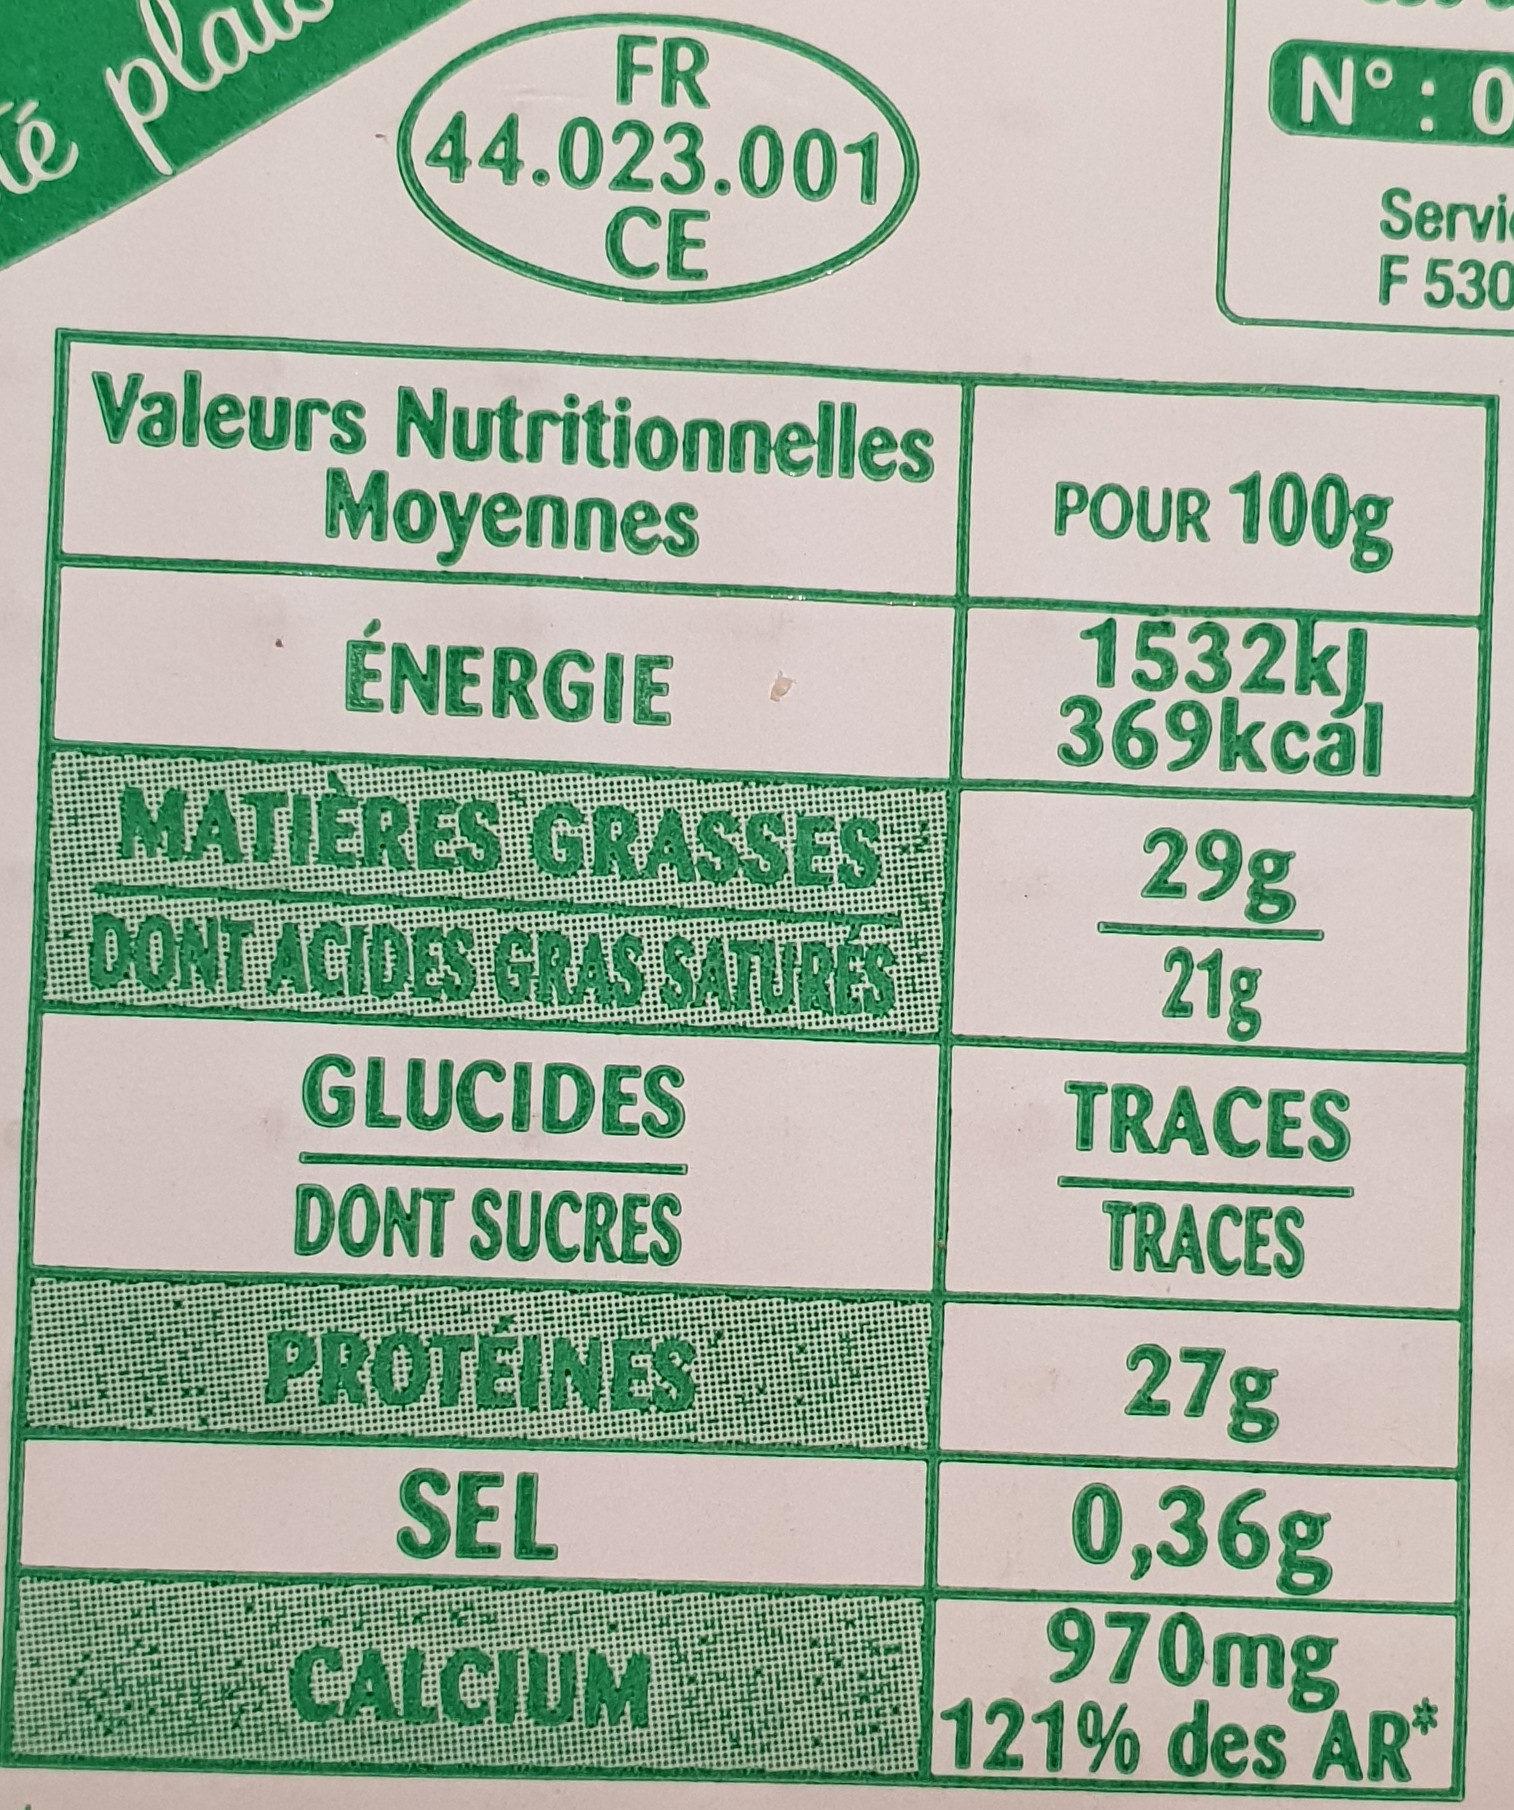 Coeur de meule Sel réduit de 30% - Nutrition facts